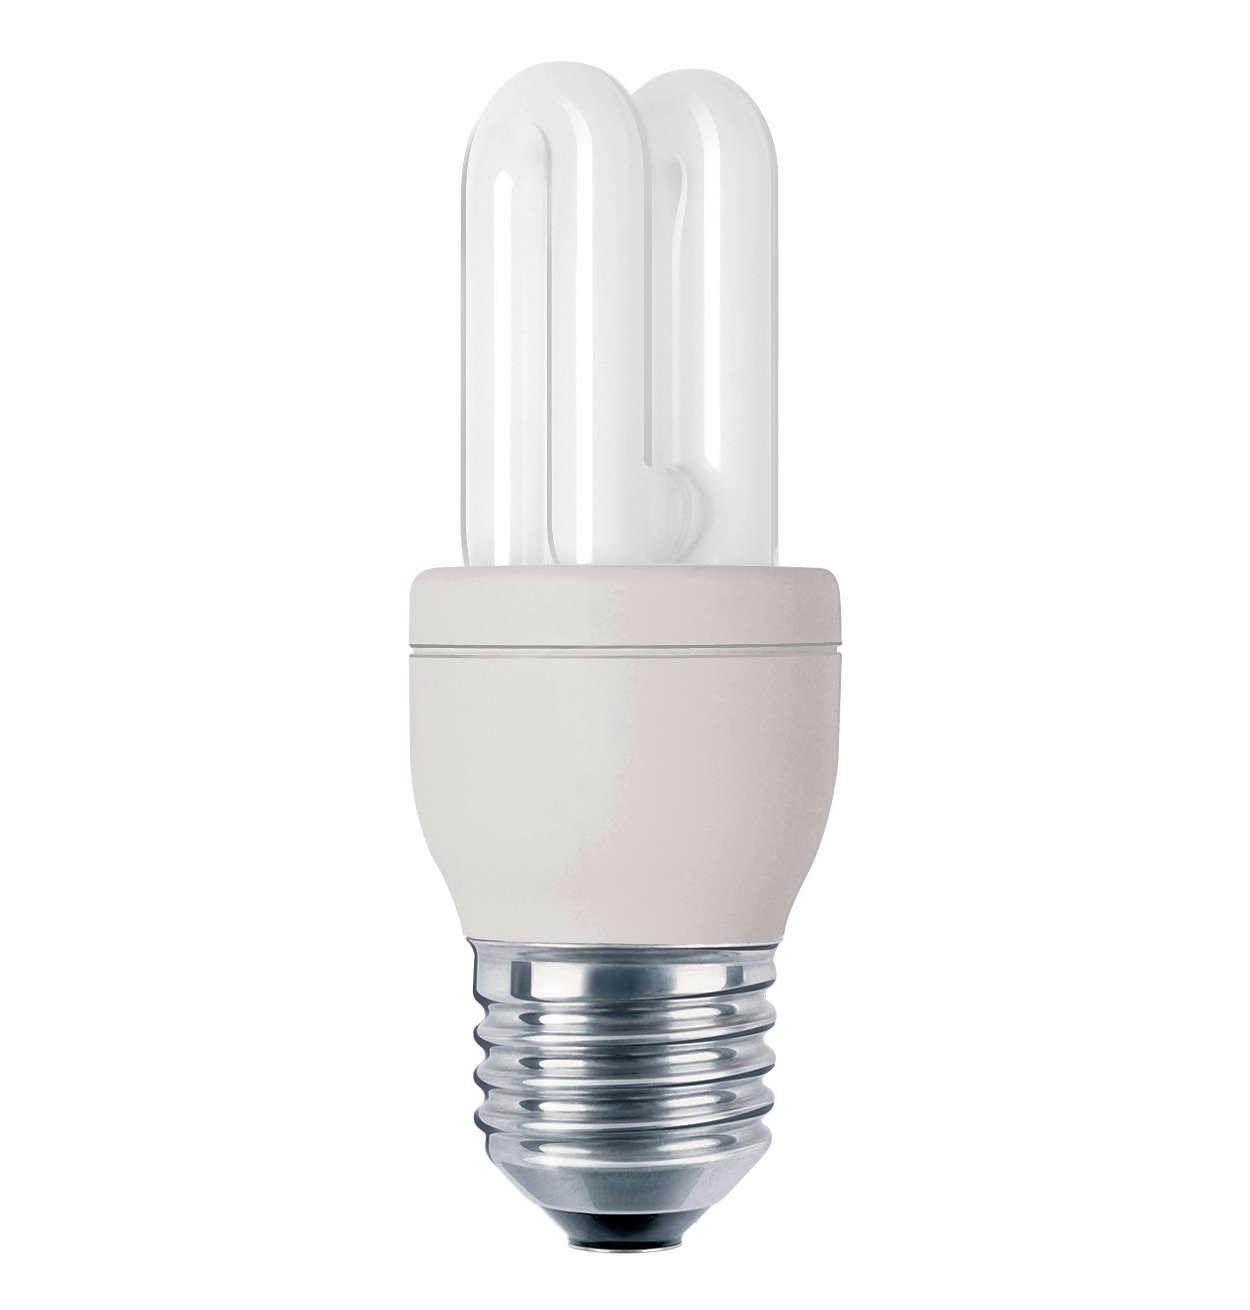 Маленький, мощный, красивый источник света